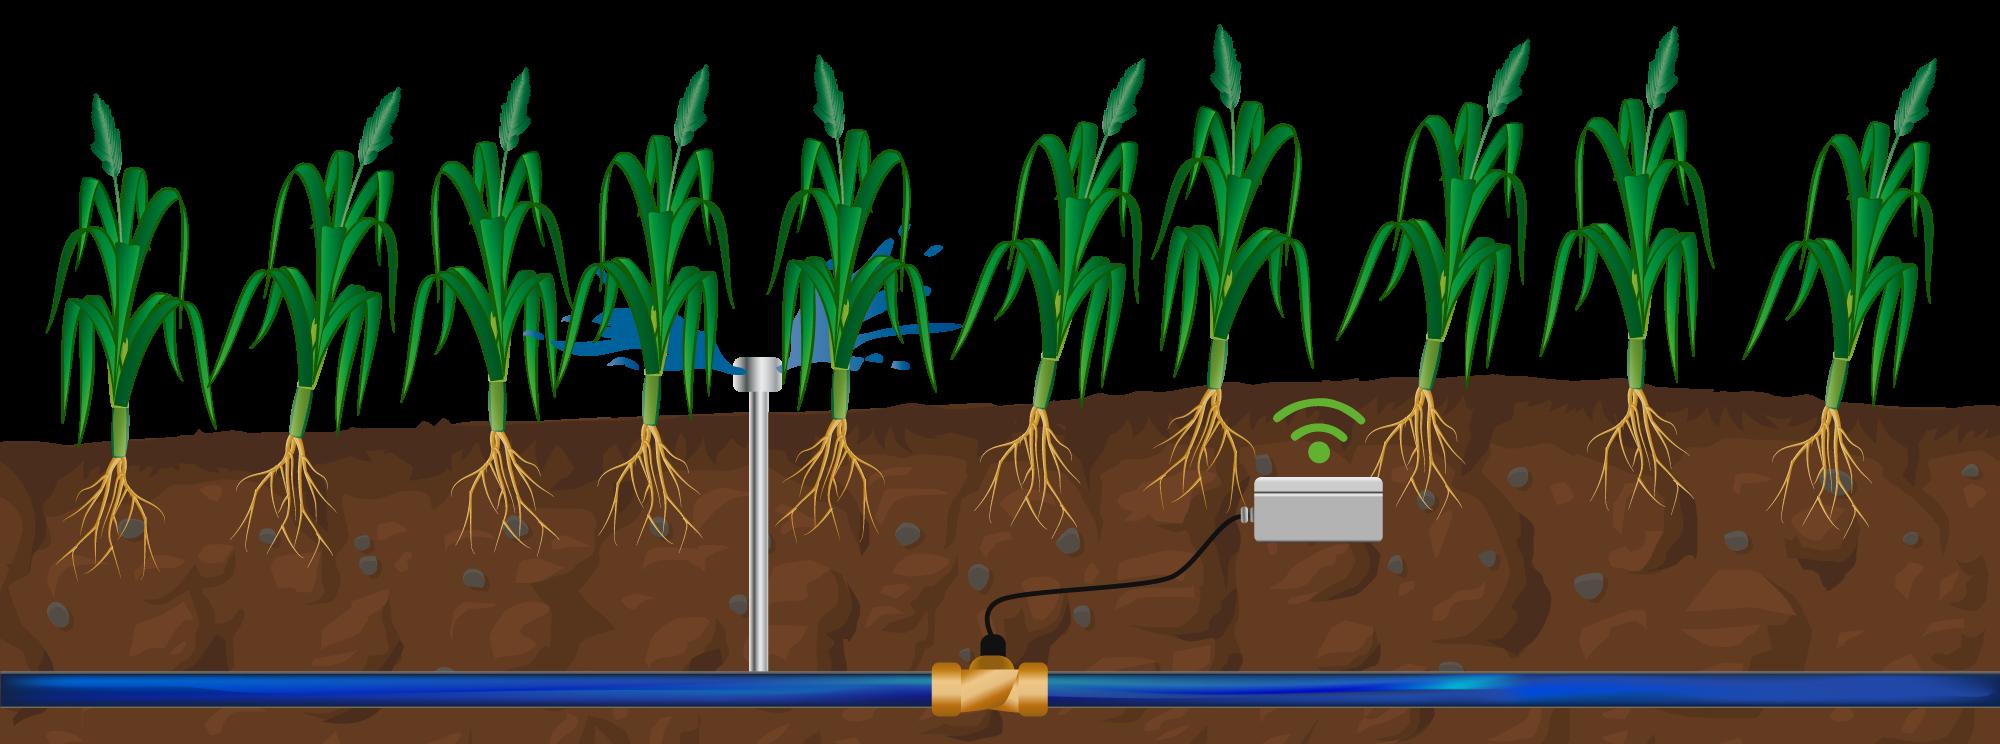 Darstellung des Smart Emitters im Maisfeld